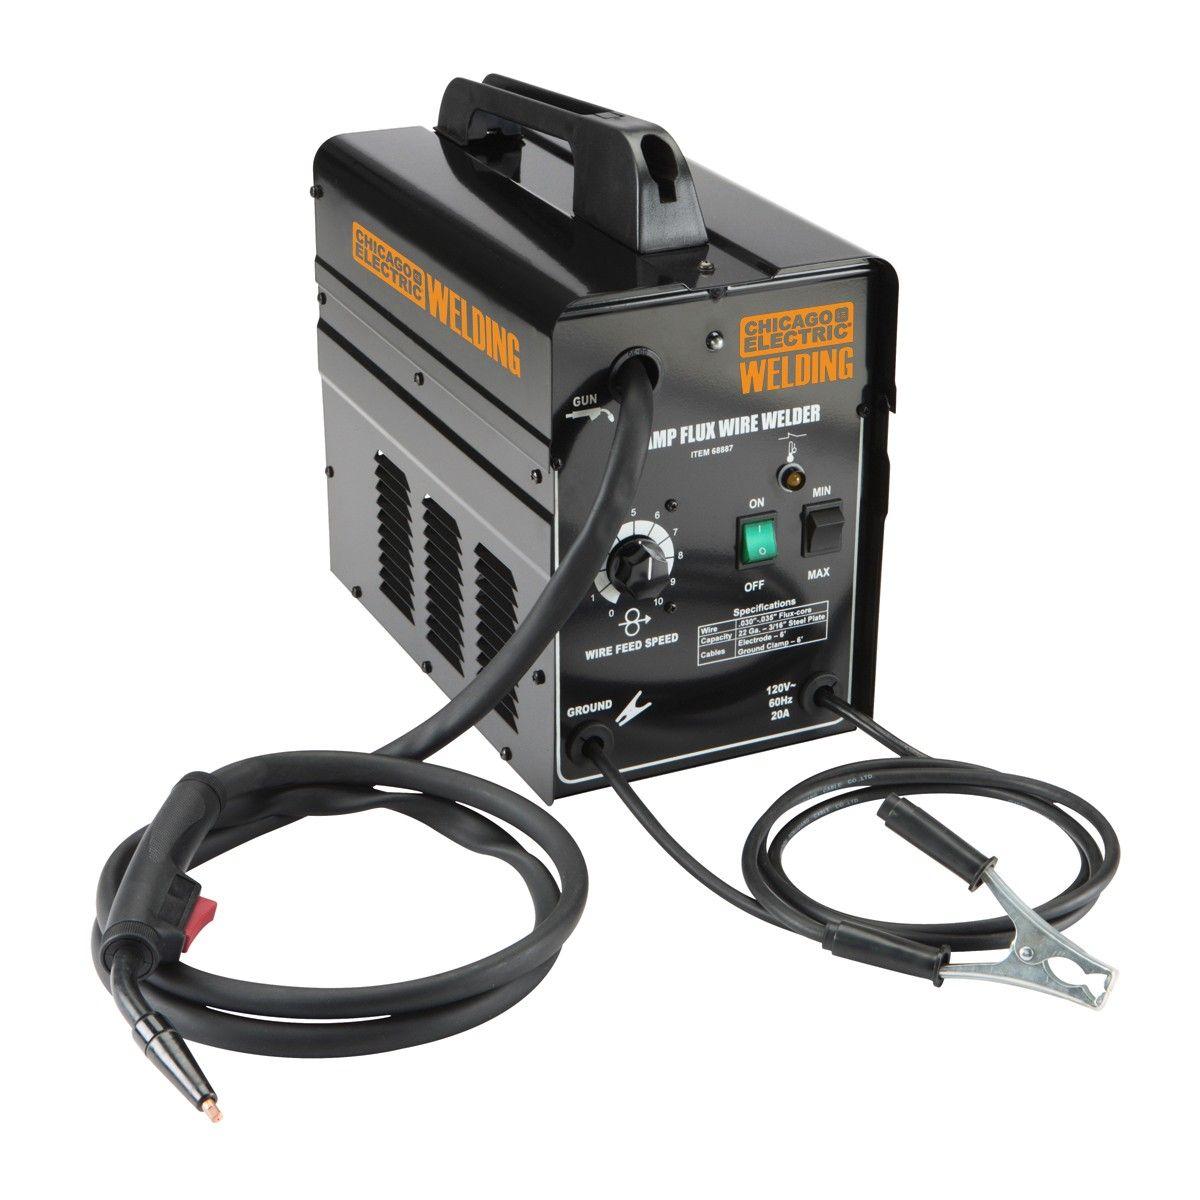 medium resolution of  89 99 chicago electric welding 68887 90 amp flux wire welder black friday blackfriday harborfreight